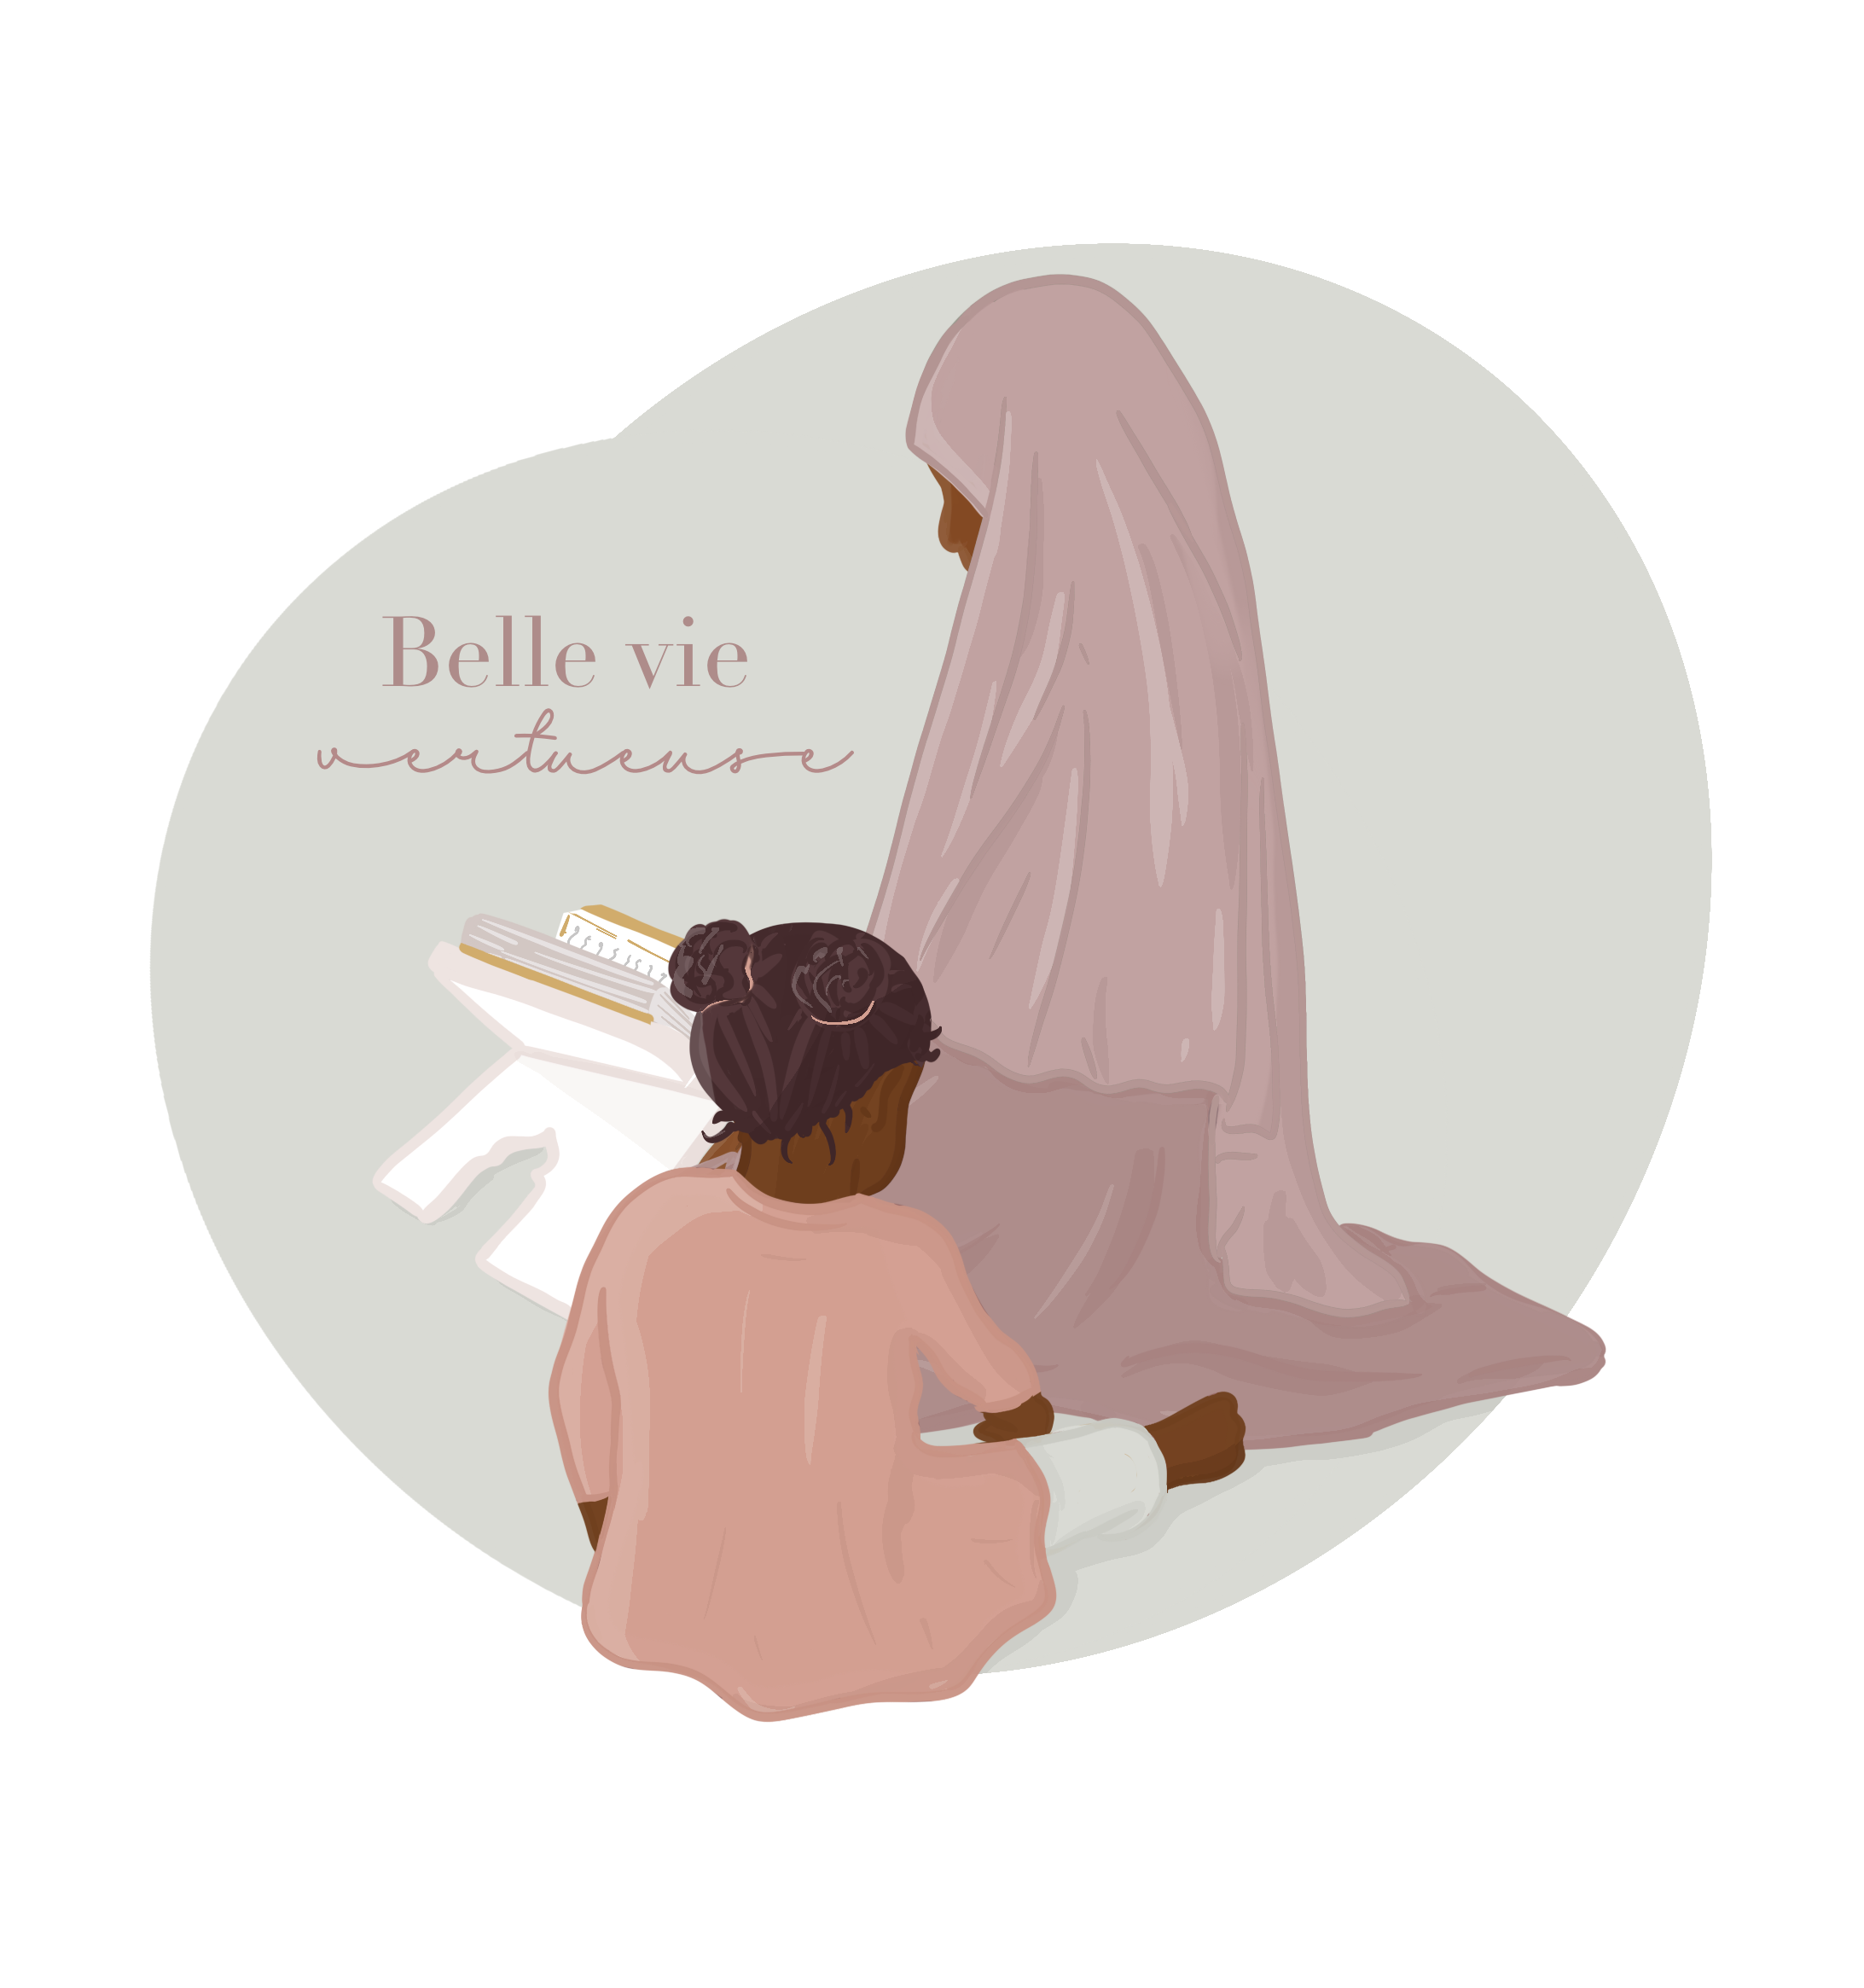 Belle vie vertueuse